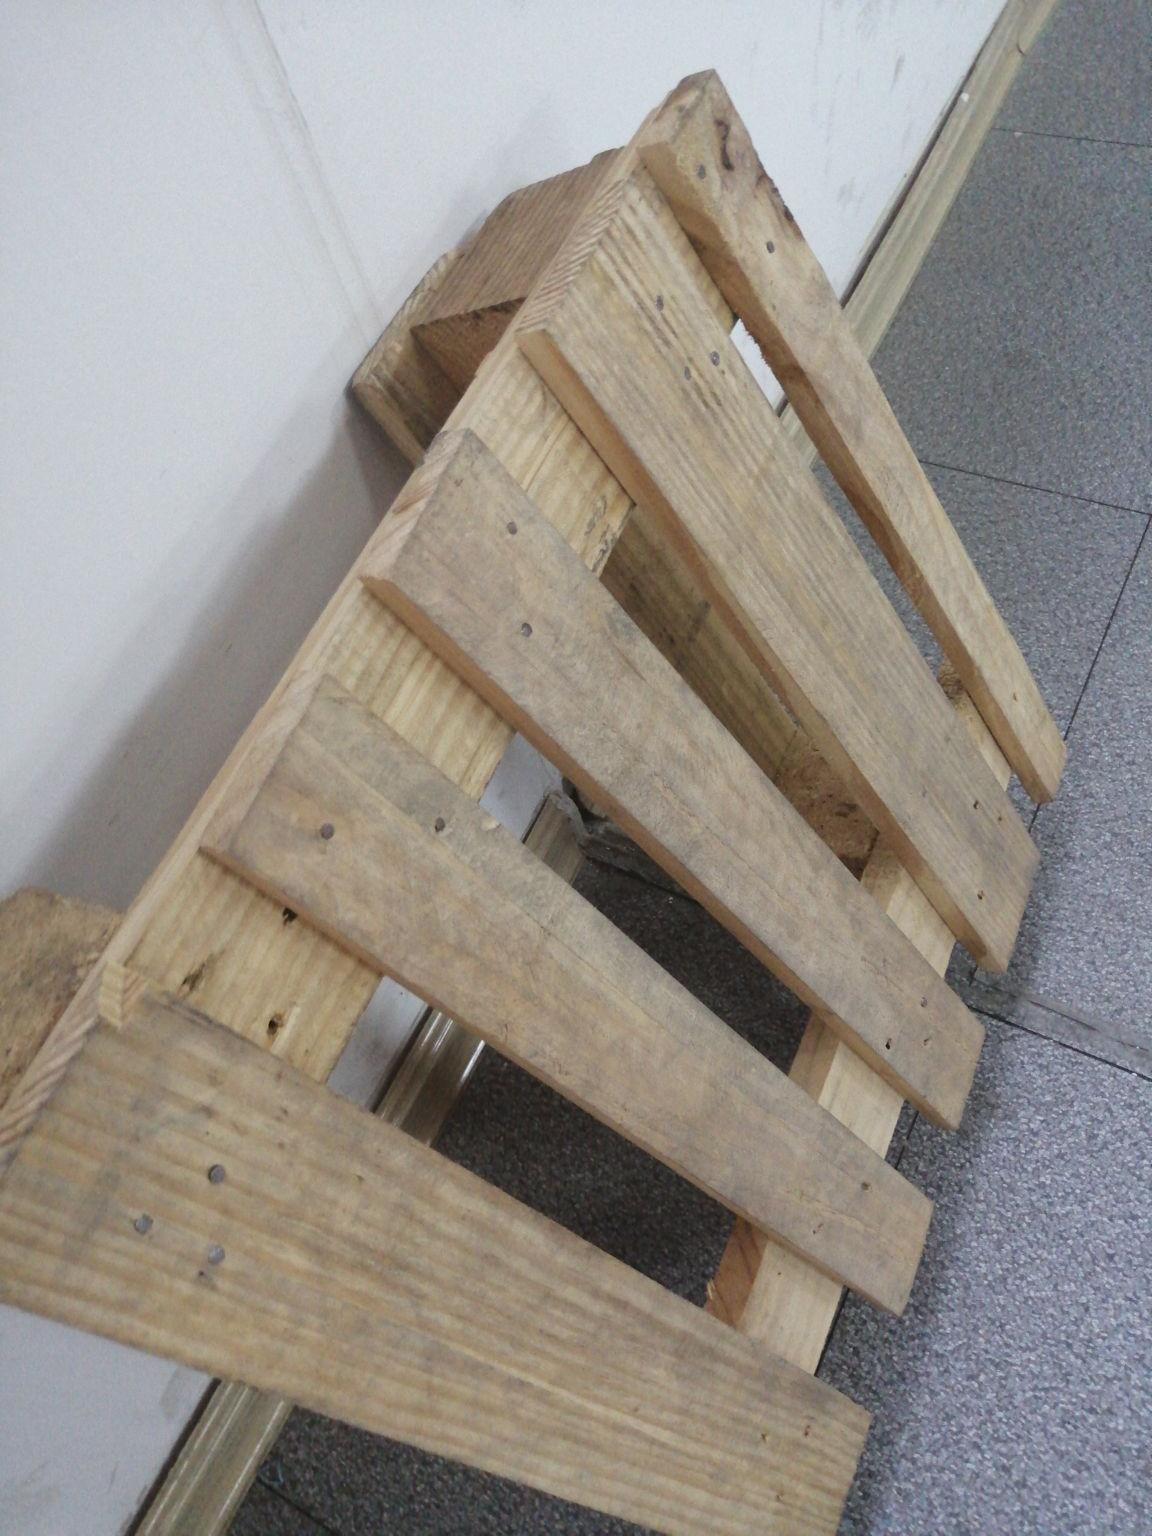 欧标松木木托盘厂家-欧标松木木托盘厂家、公司、?,ボ╅⇞╡?业